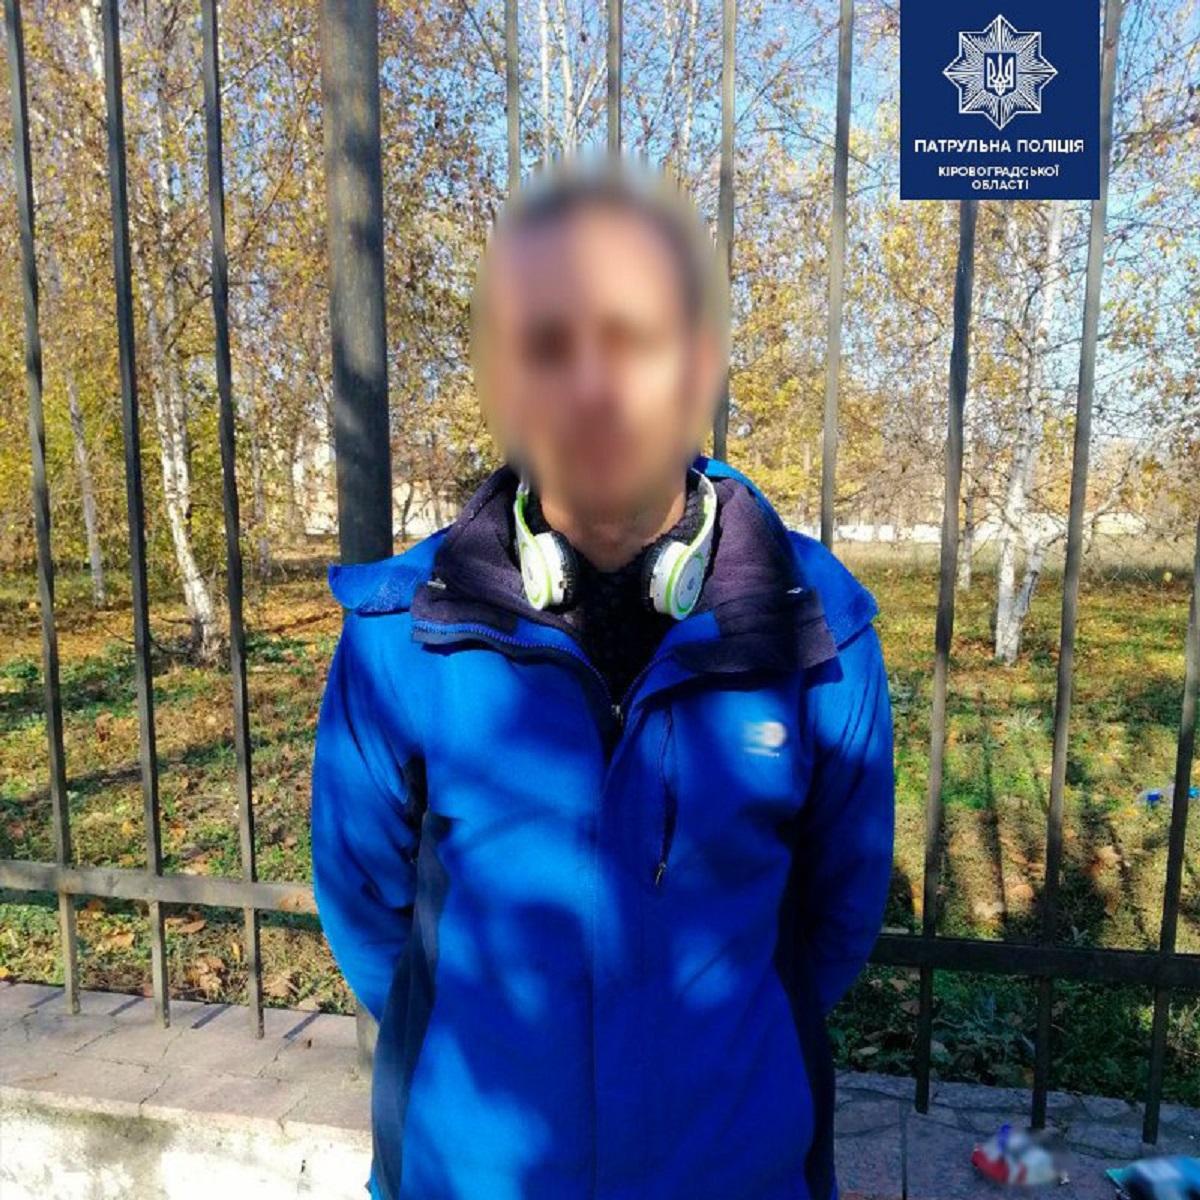 Без Купюр Патрульні знайшли наркотики у трьох жителів Кропивницького Кримінал  Патрульна поліція наркотики